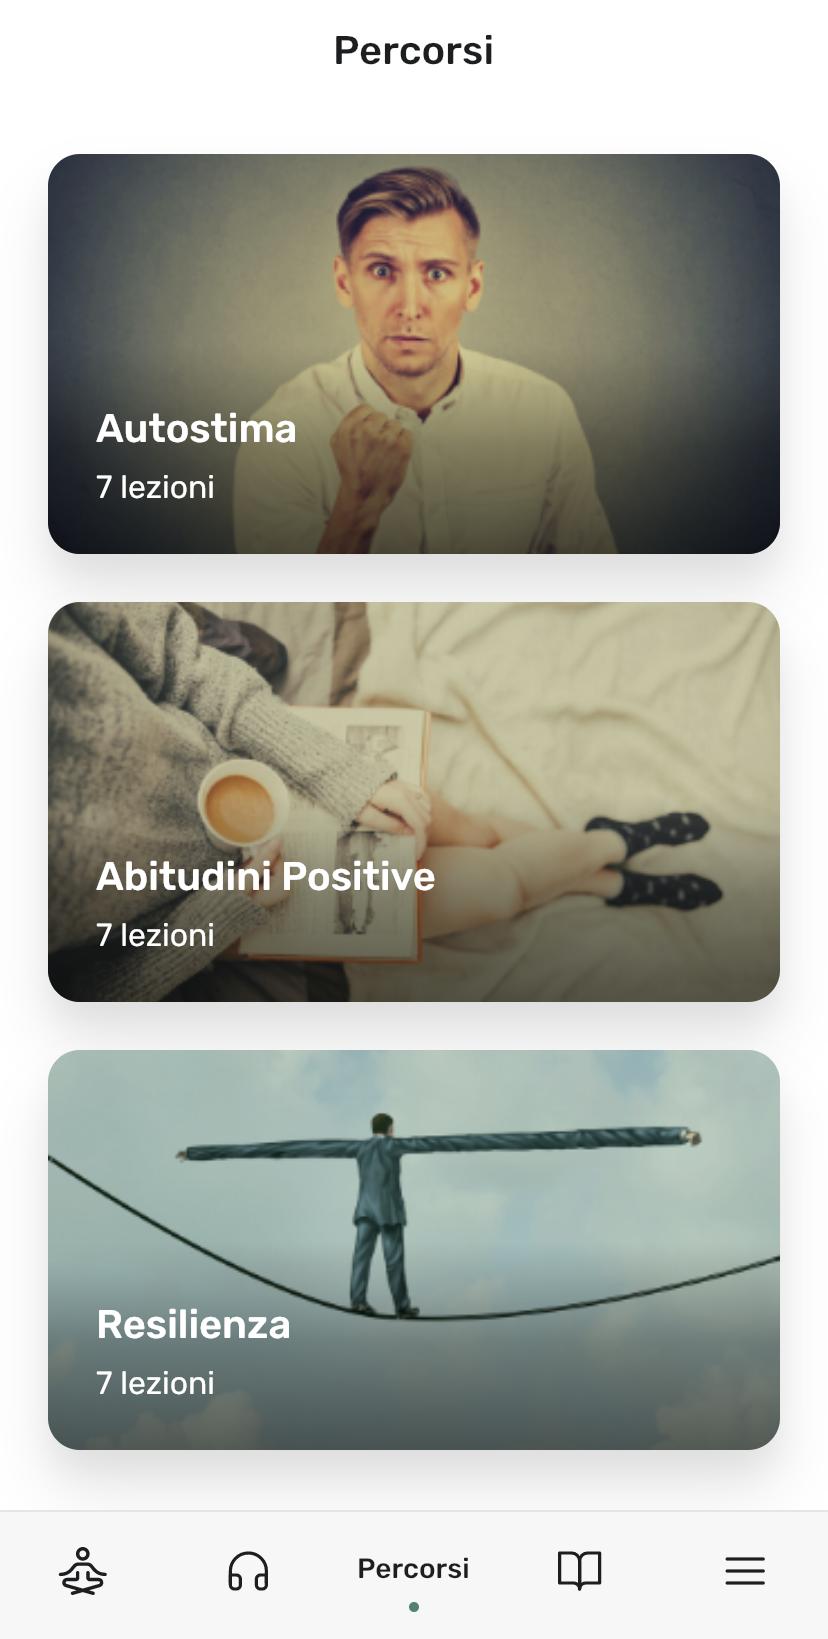 screenshot sezione Percorsi in Clarity app